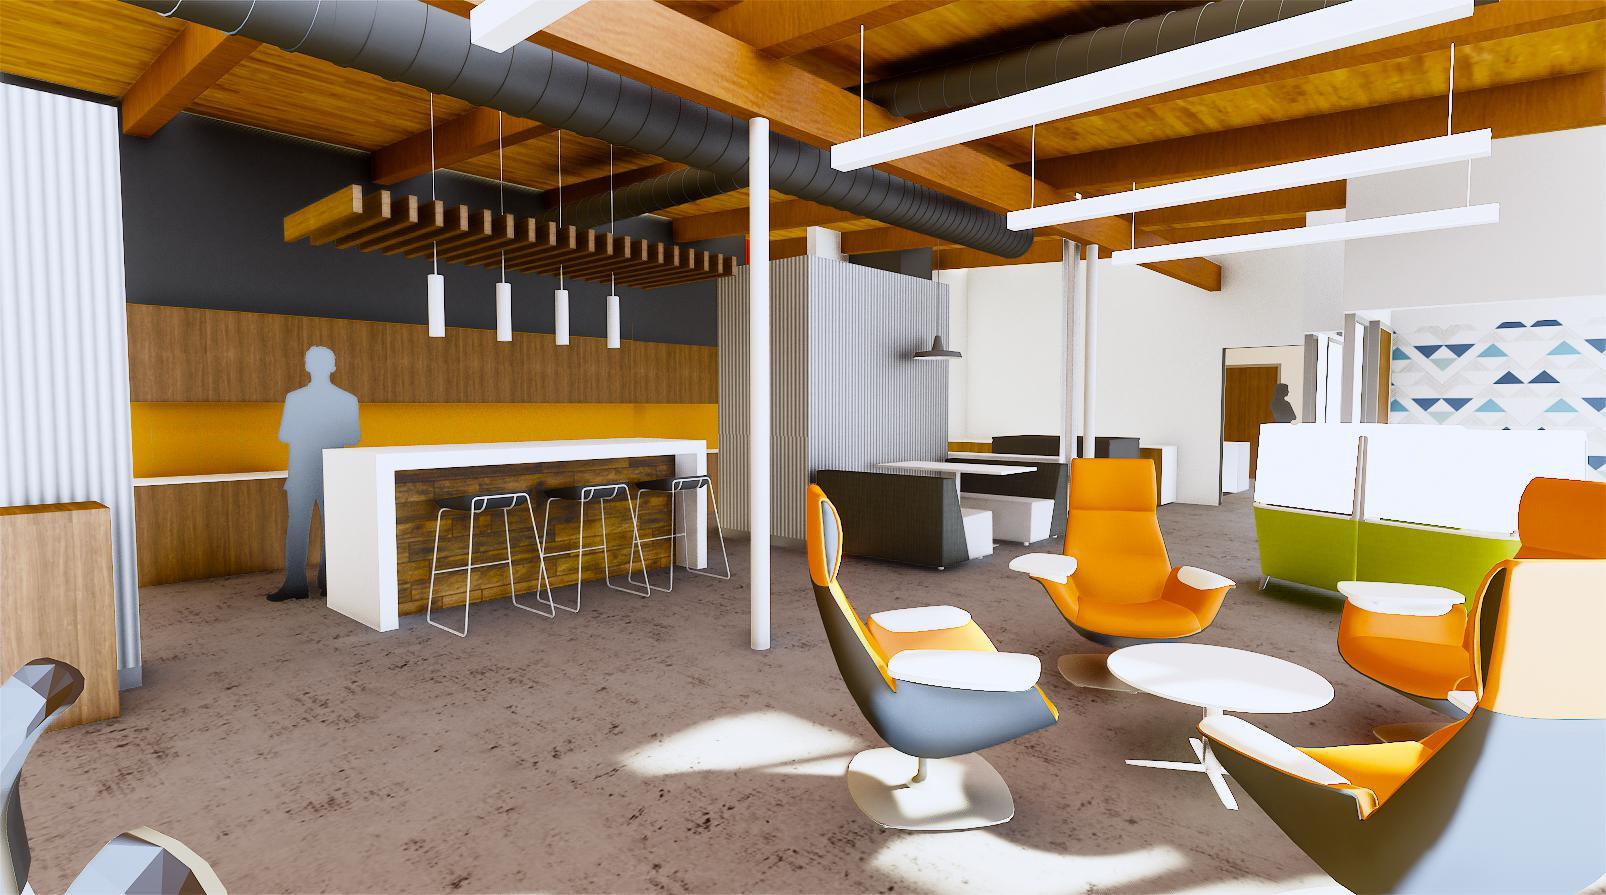 Wightman Kalamazoo break room rendering